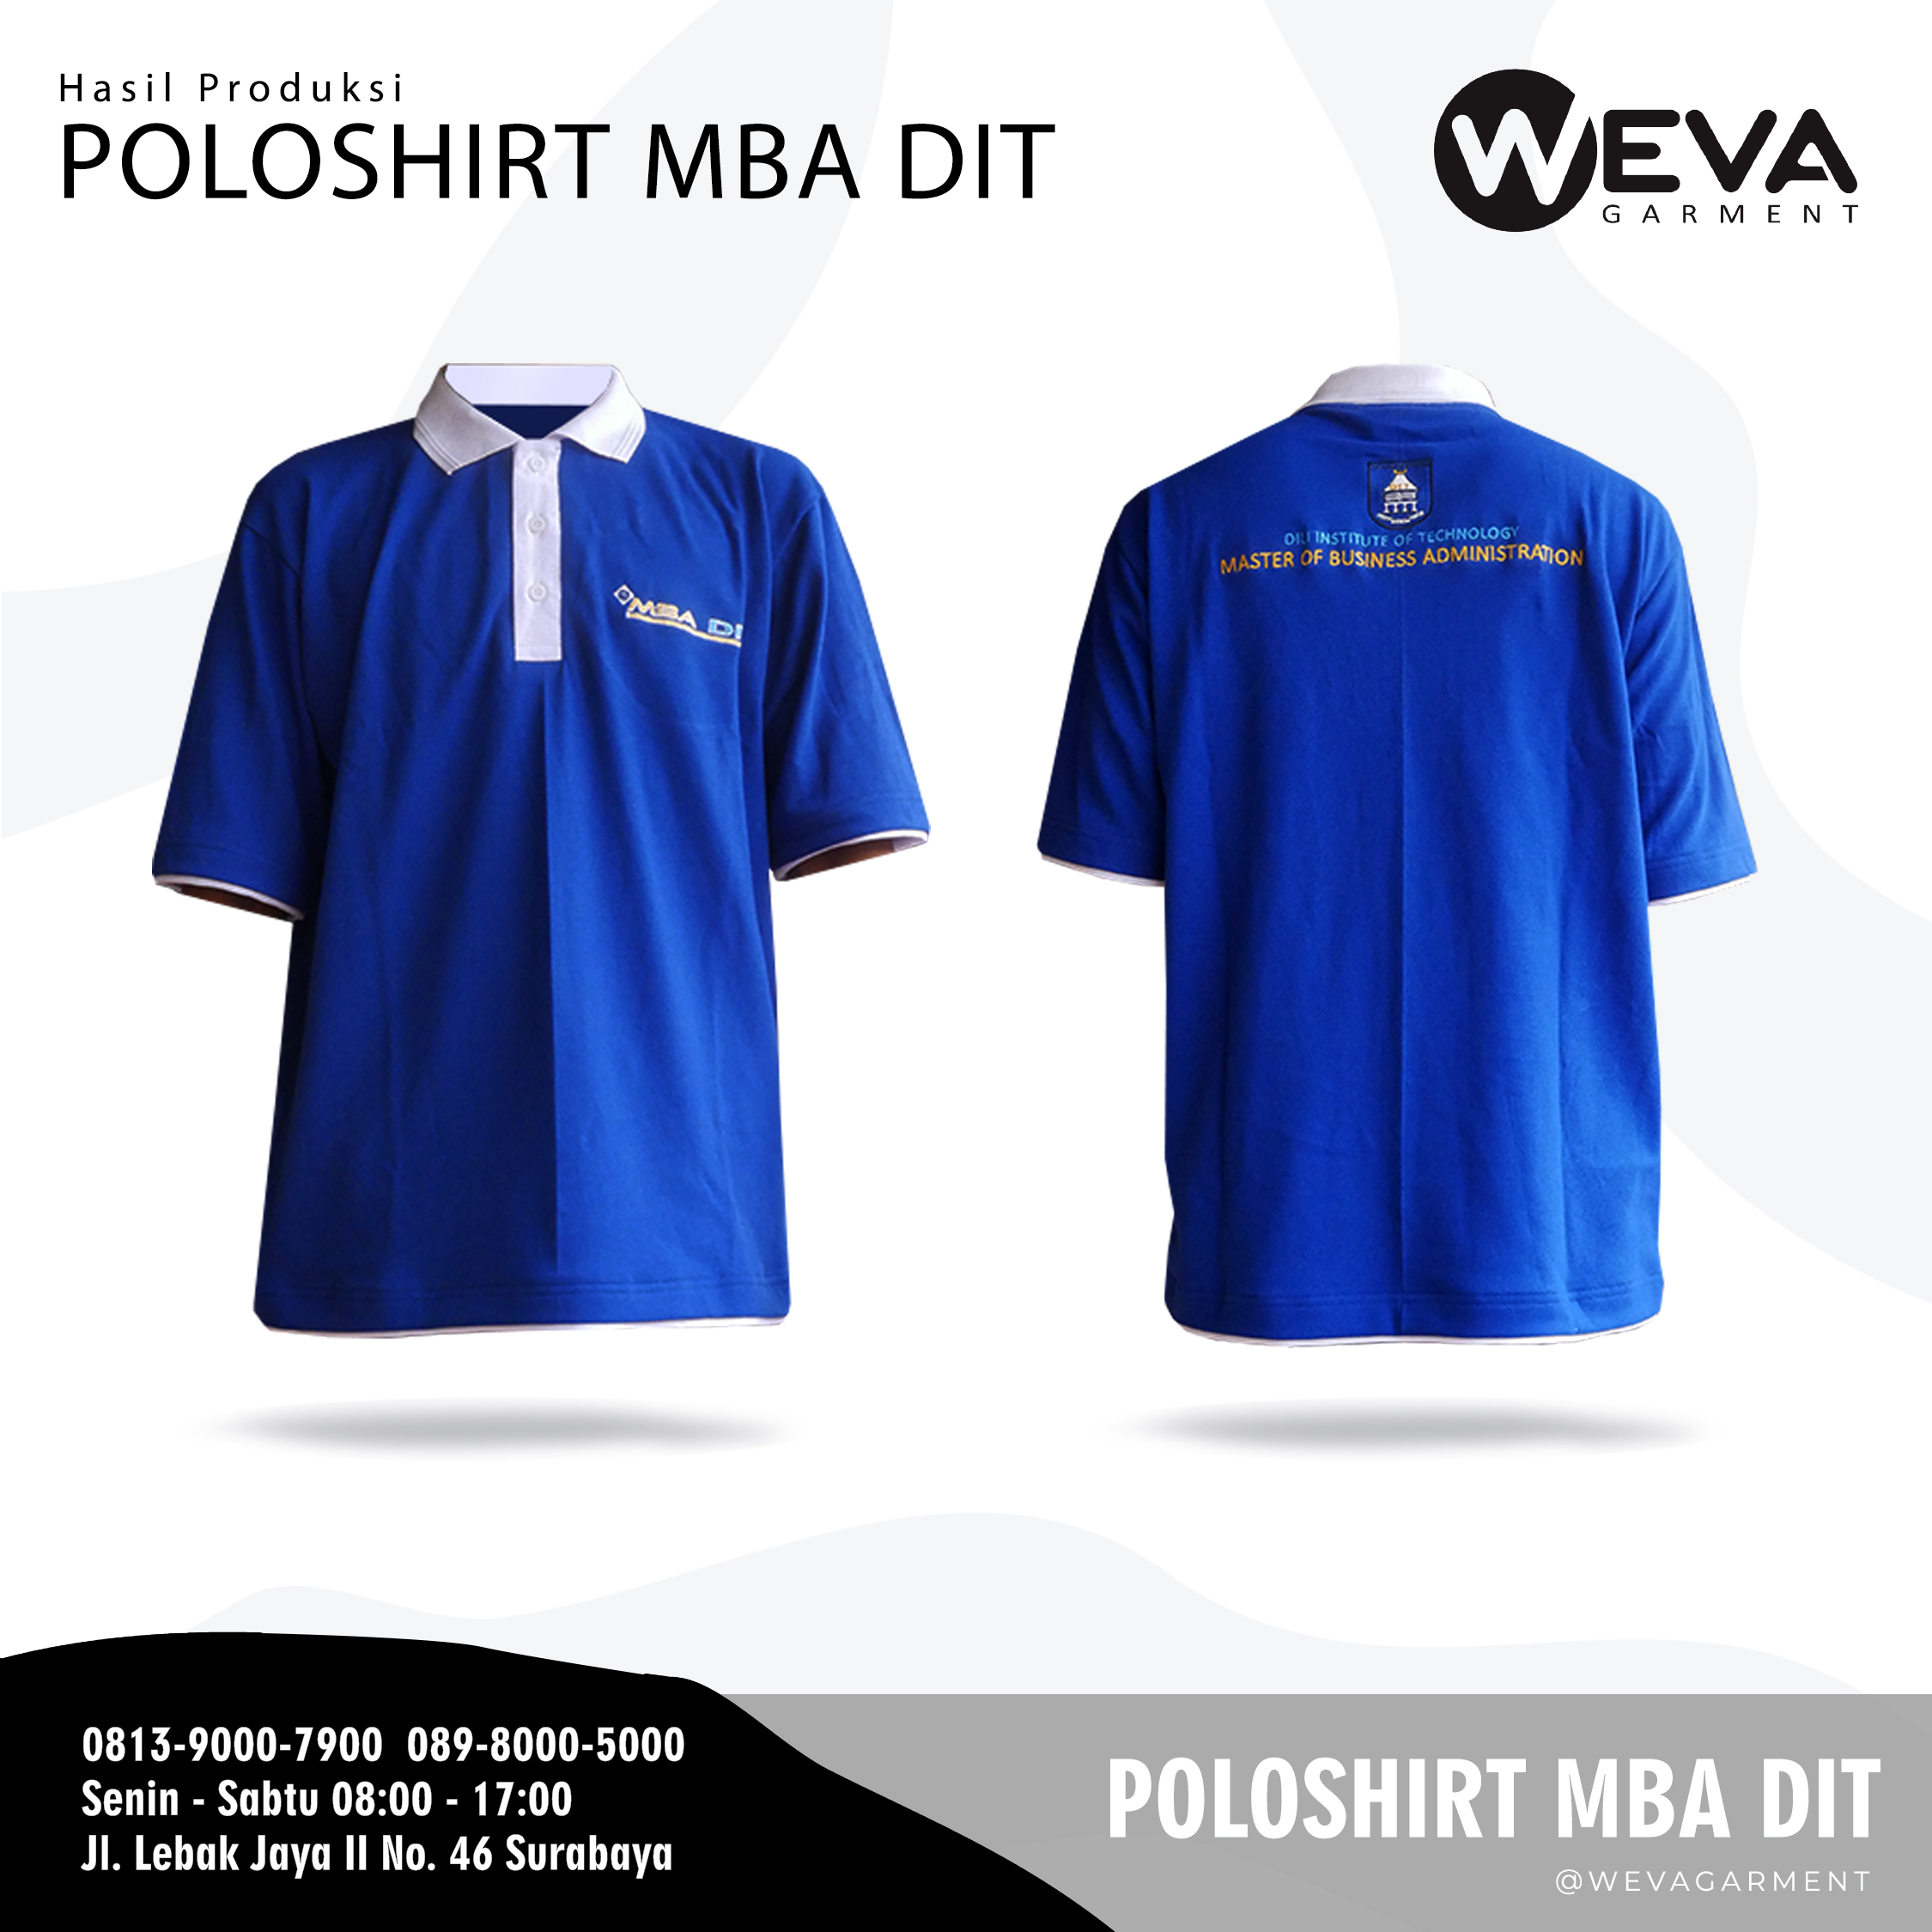 Hasil Produksi dan Desain Poloshirt MBA DIT